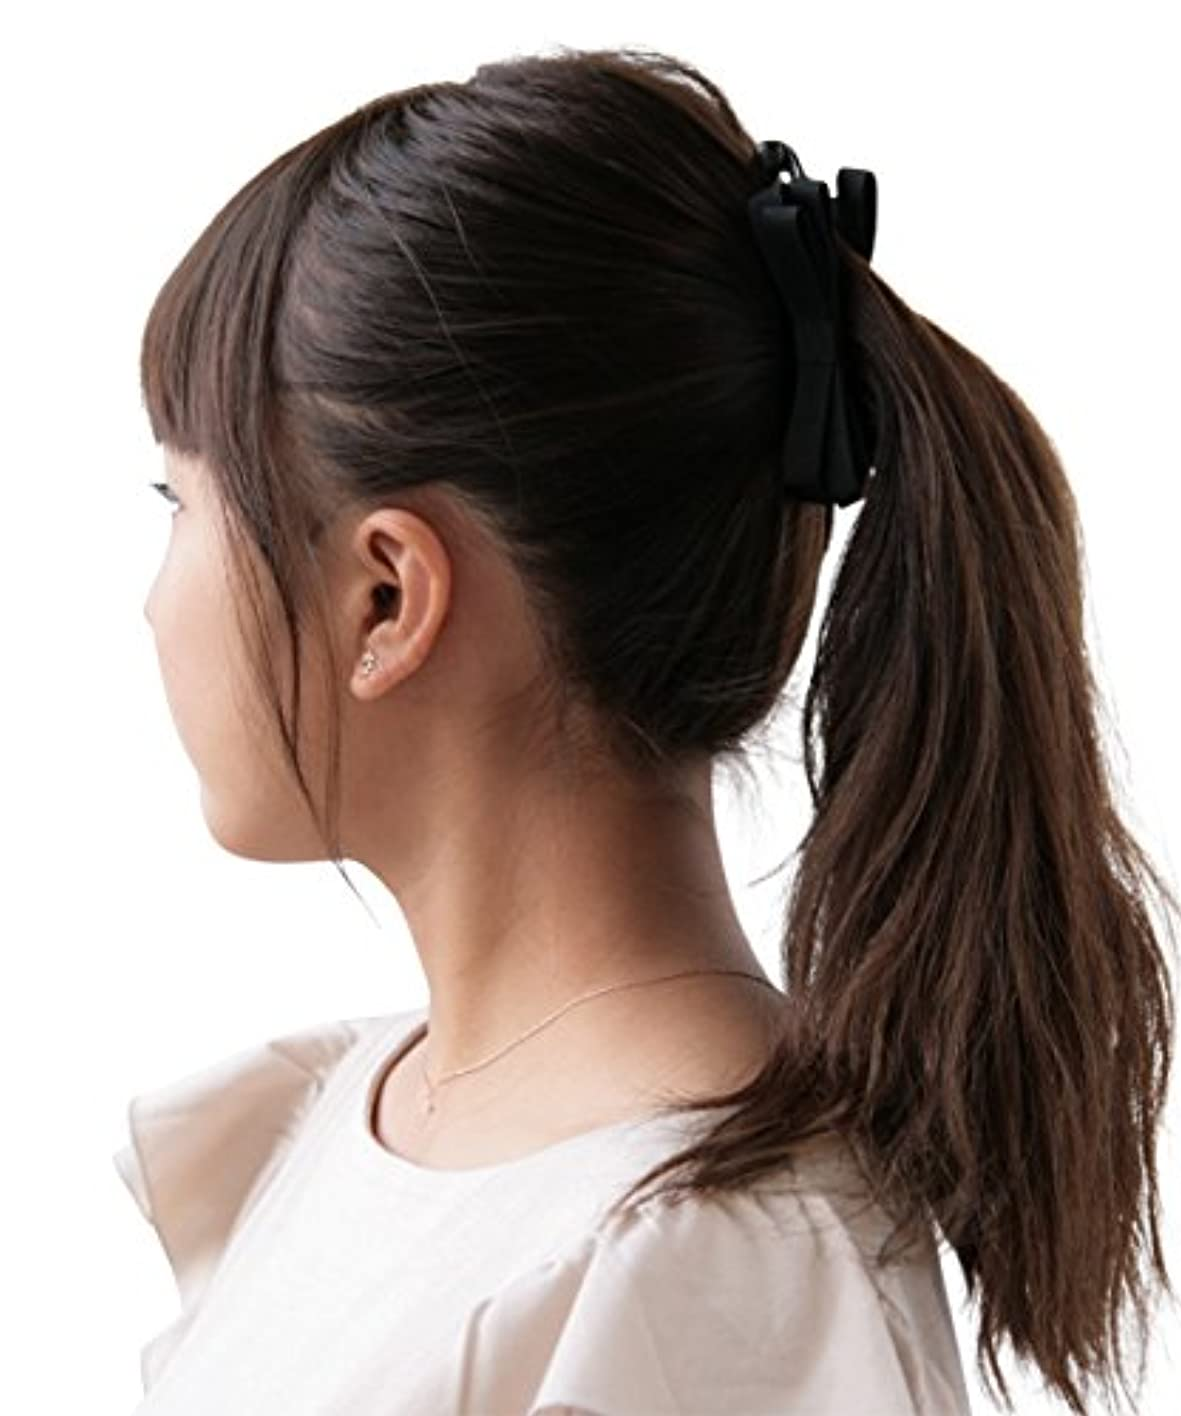 韓国語祭り一元化するボナバンチュール(Bonaventure) ミルフィーユ リボン バナナクリップ グログラン 小さめ レディース ヘアアクセサリー 人気 ブランド ヘアクリップ 髪留め ブラック